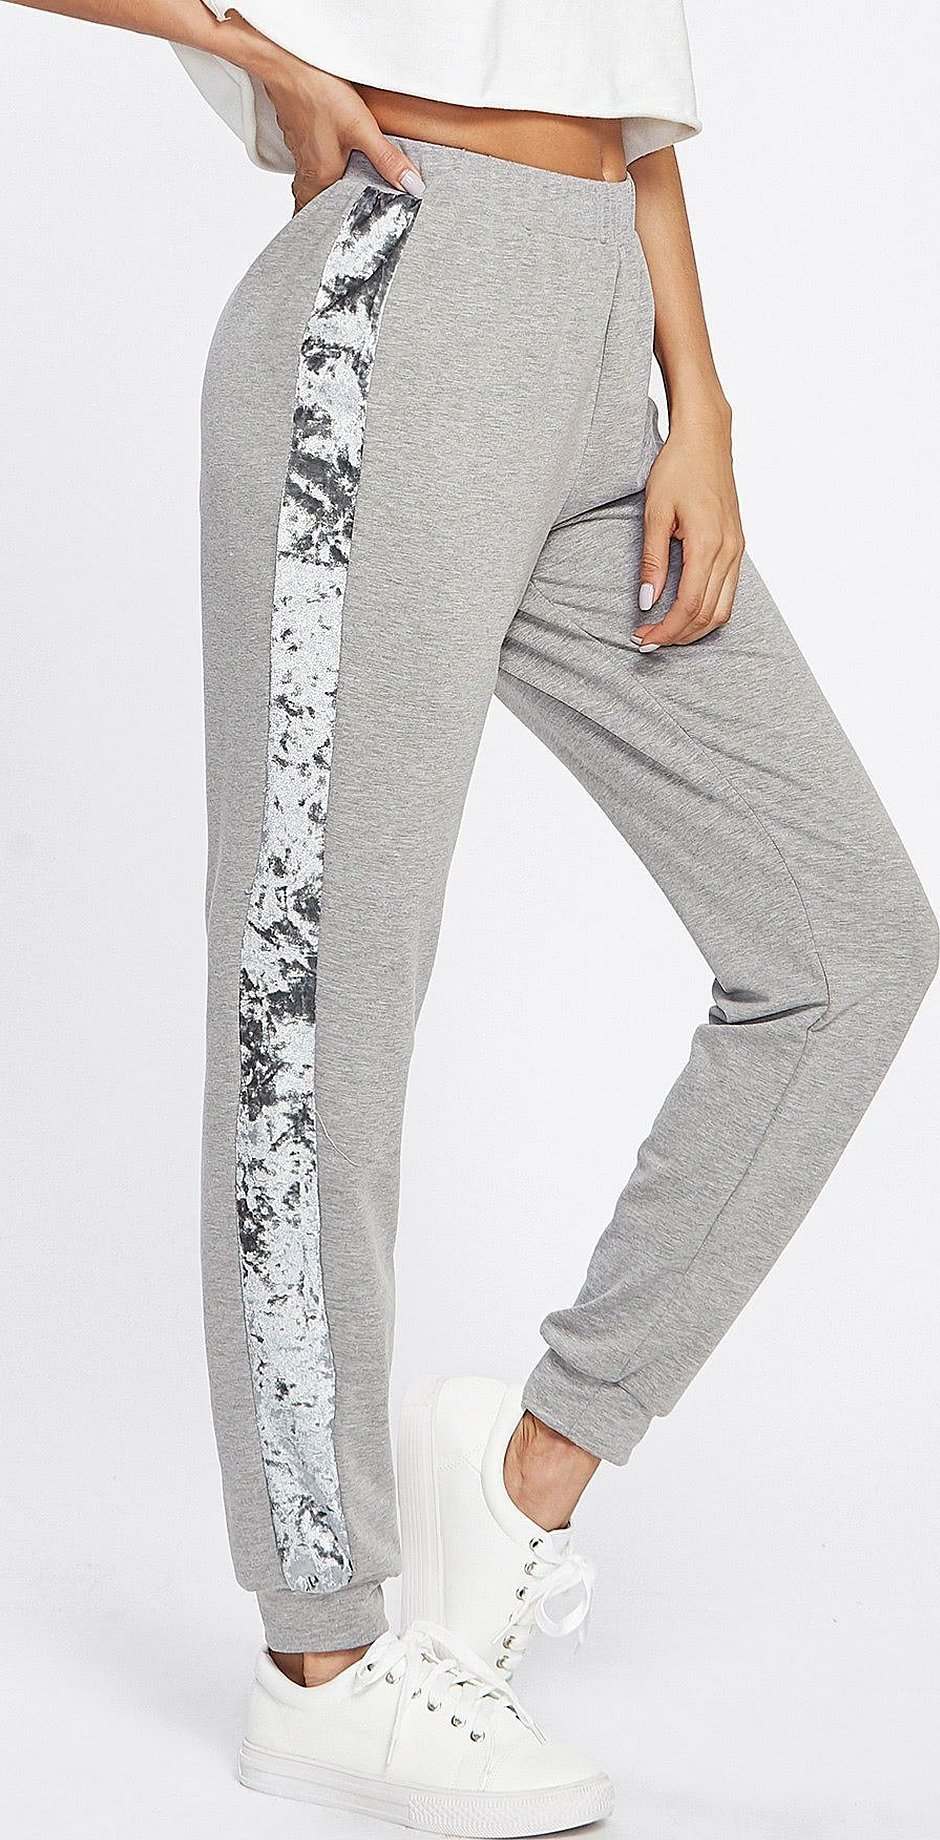 Спортивные штаны женские модные